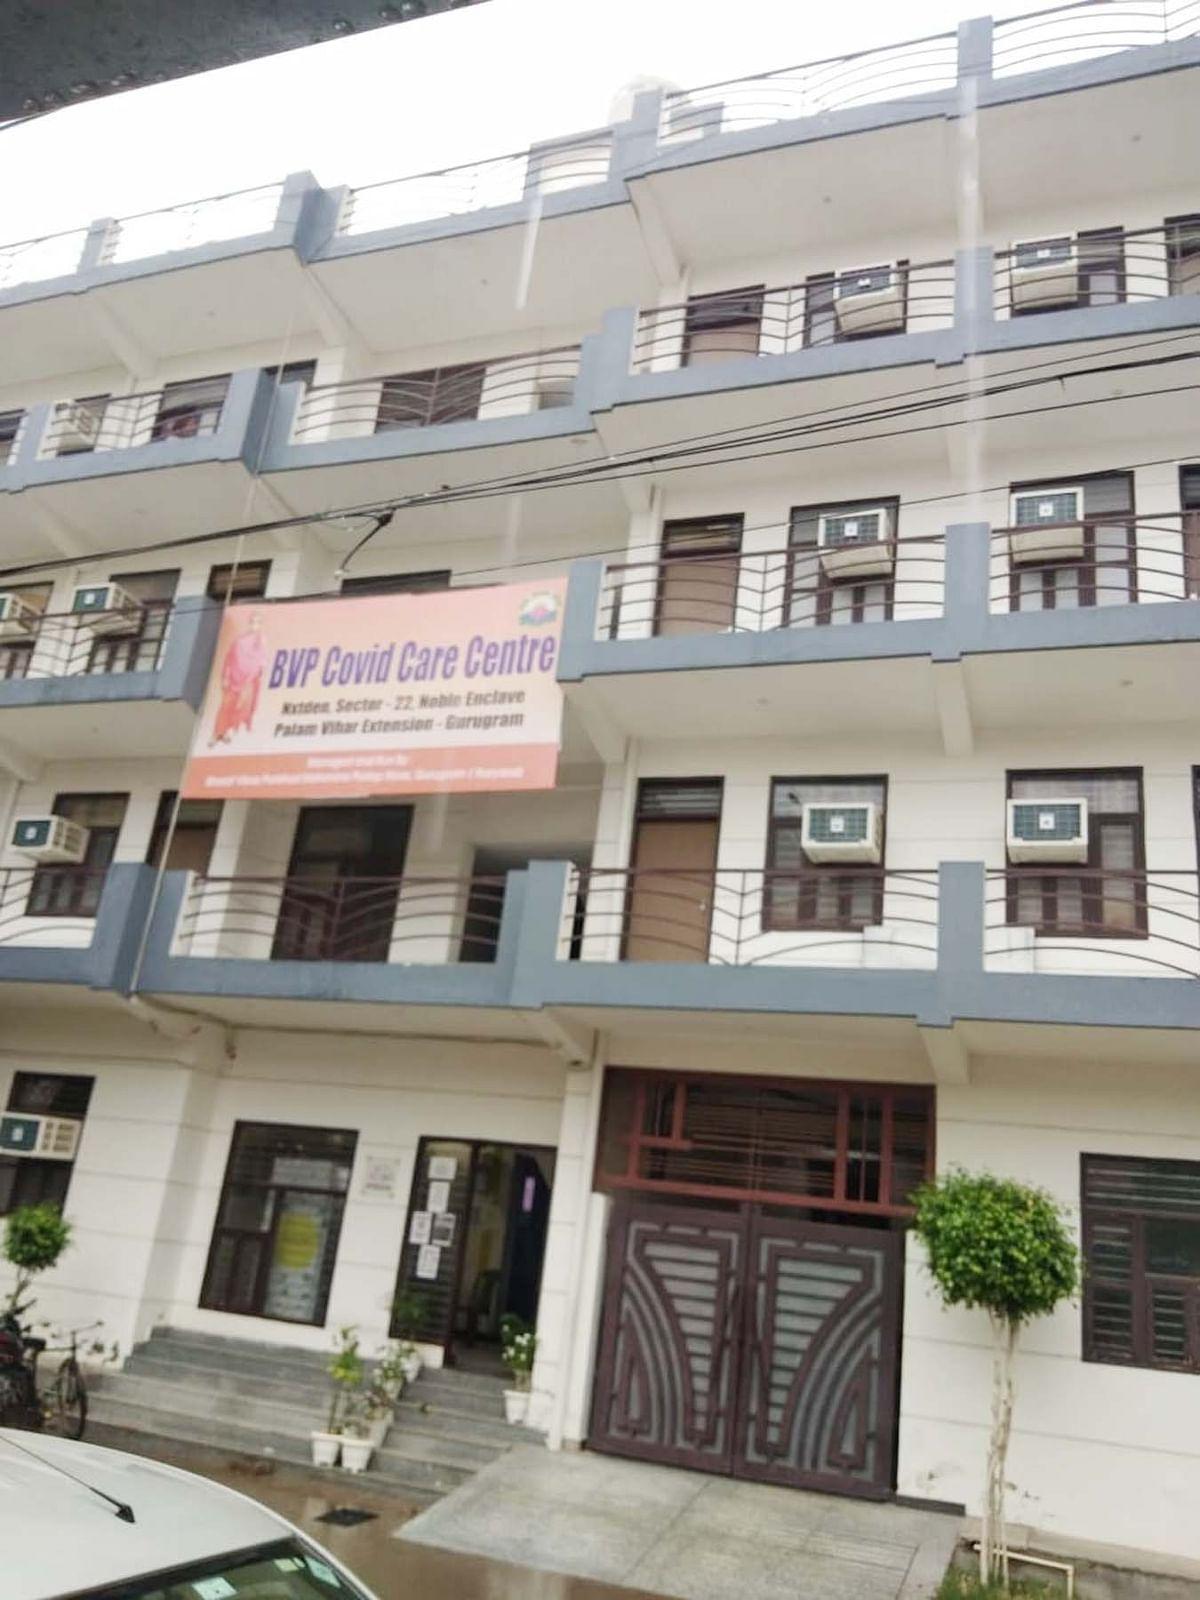 गुरुग्राम में भाविप ने शुरू किया 250 बैड का कोविड केयर सेंटर